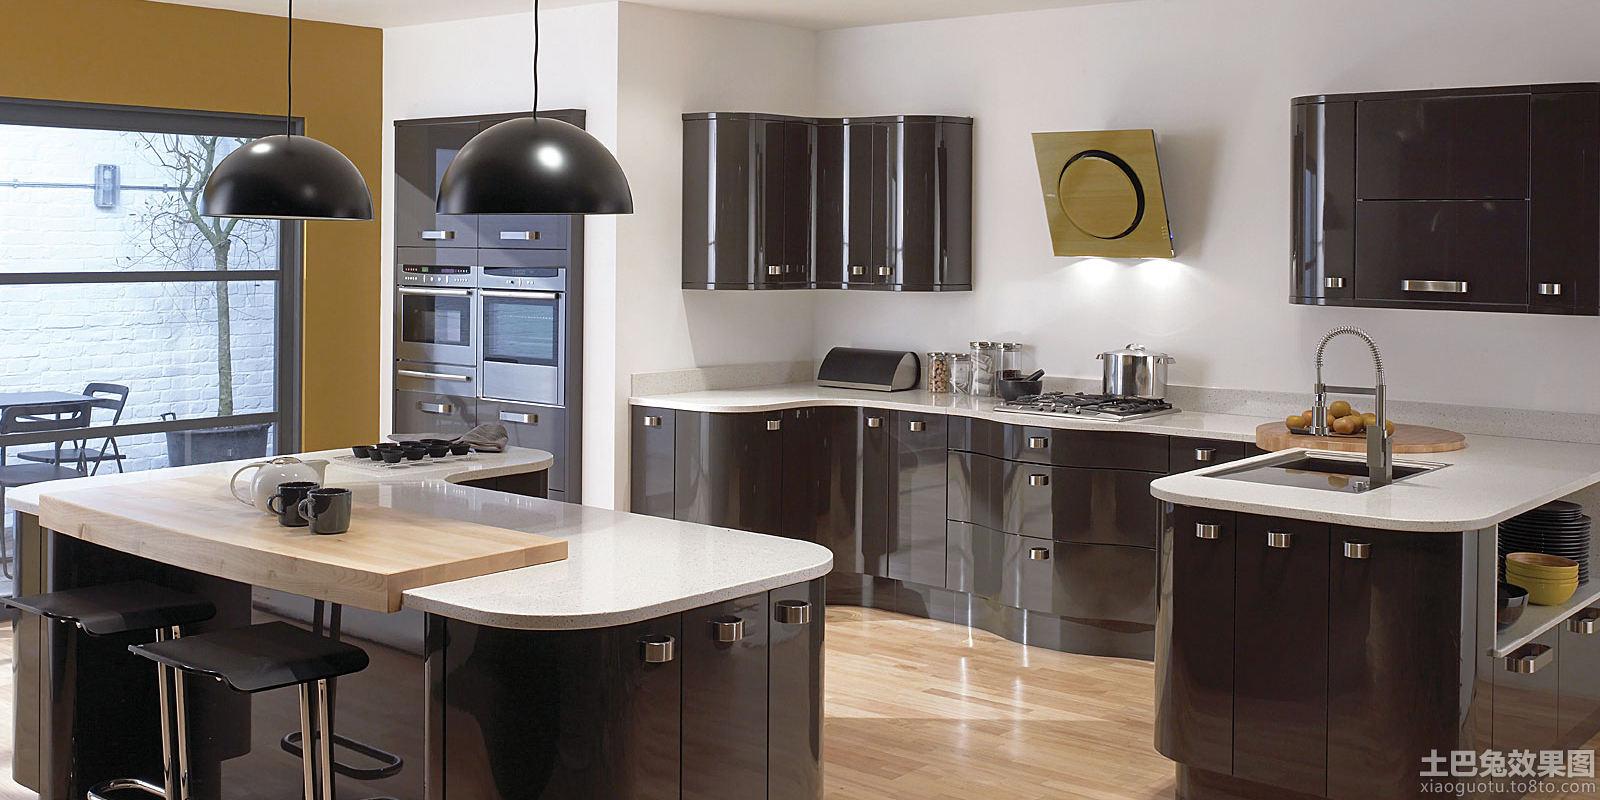 3平方厨房装修效果图 平方厨房装修效果图 厨房装修效果图户型 冉普高清图片